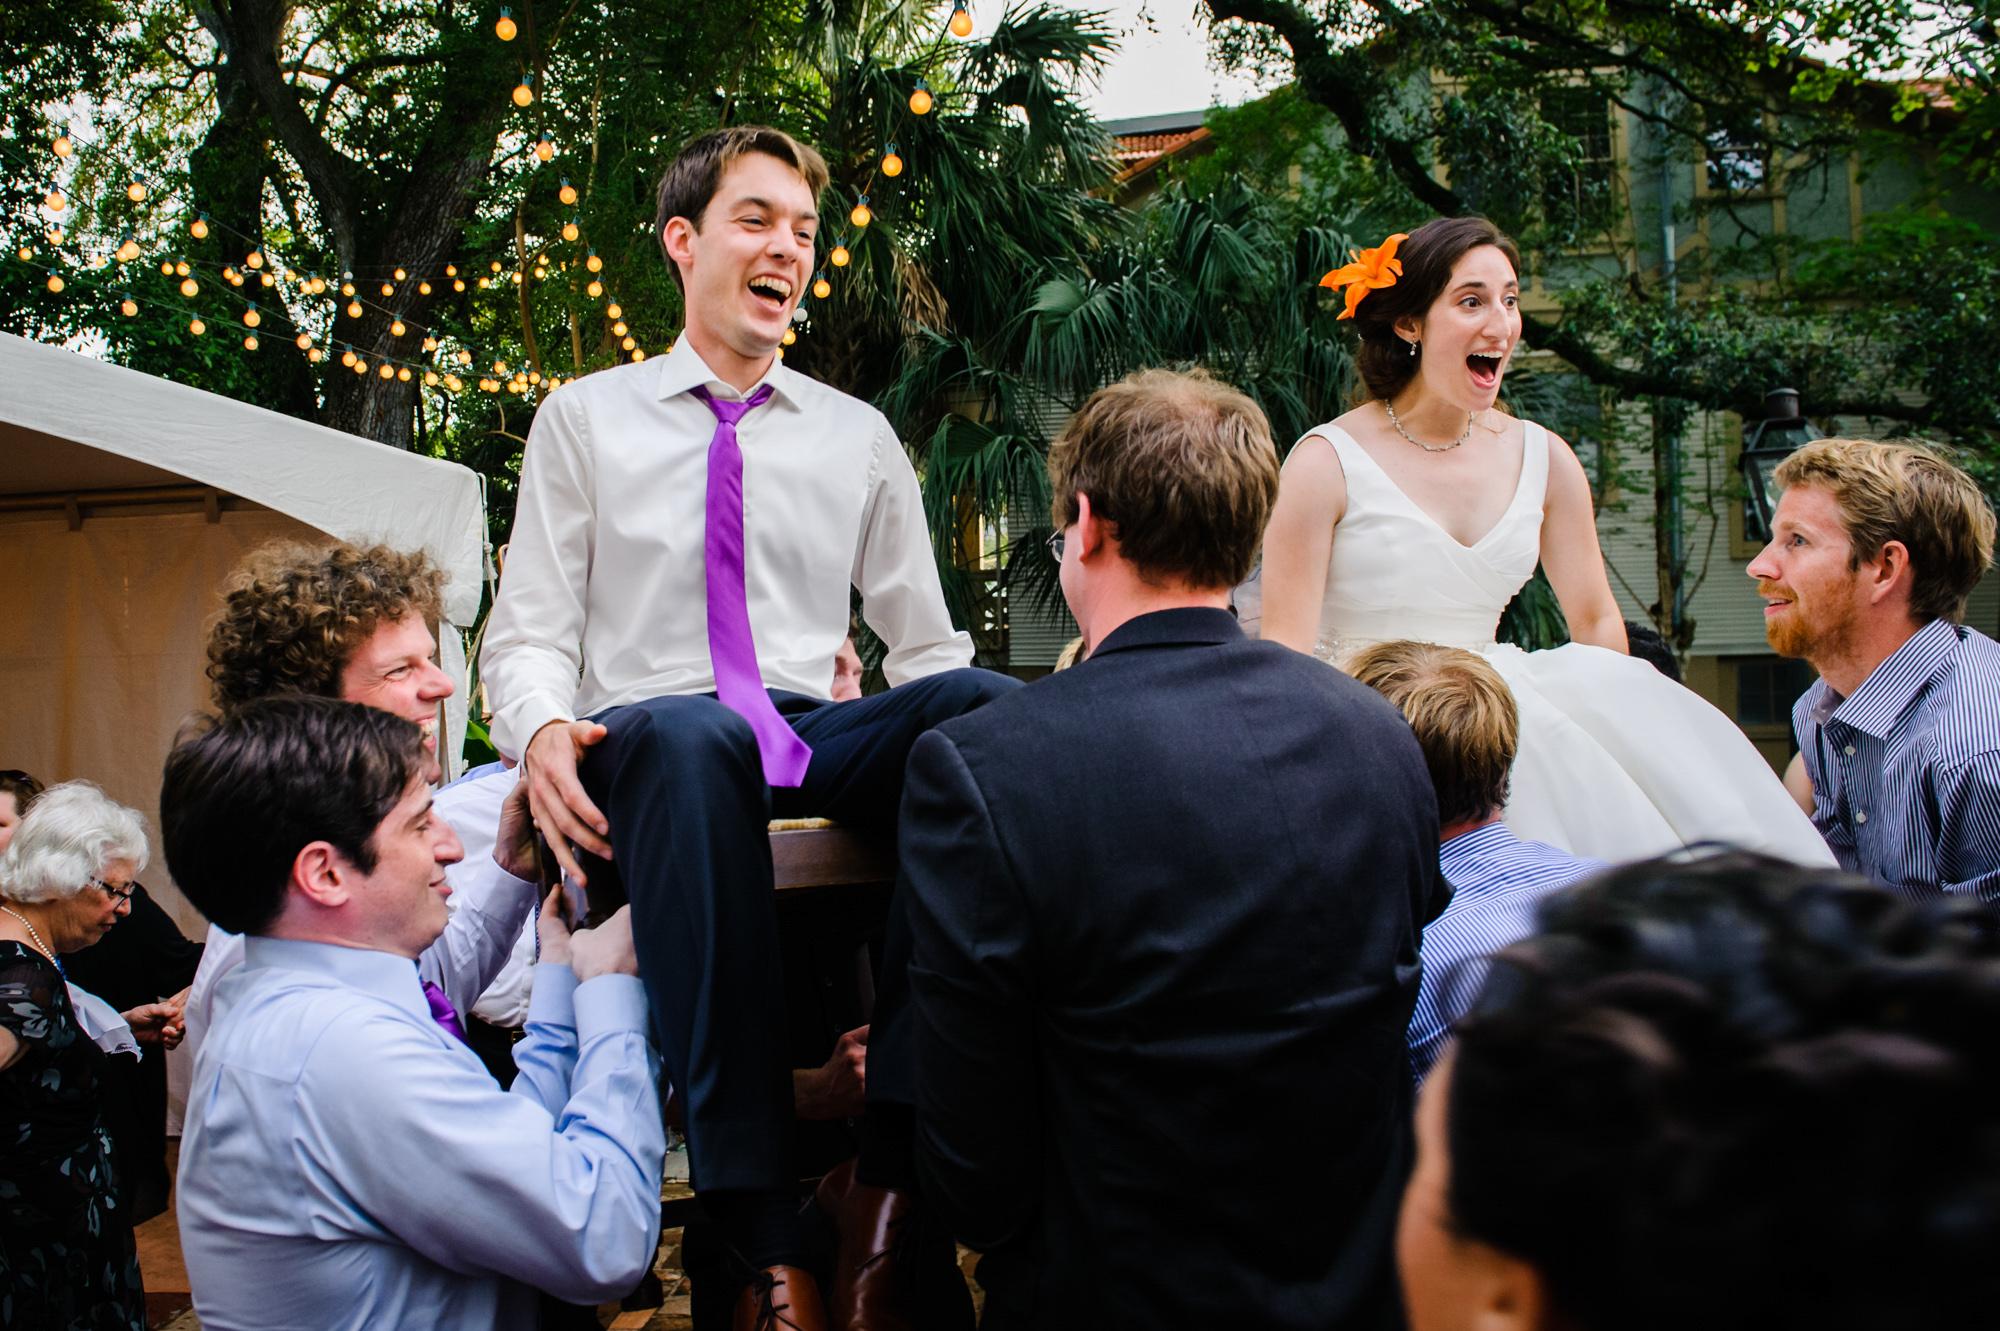 Scott-Myers-Photography-WeddingScott_Myers_Weddings-8889.jpg